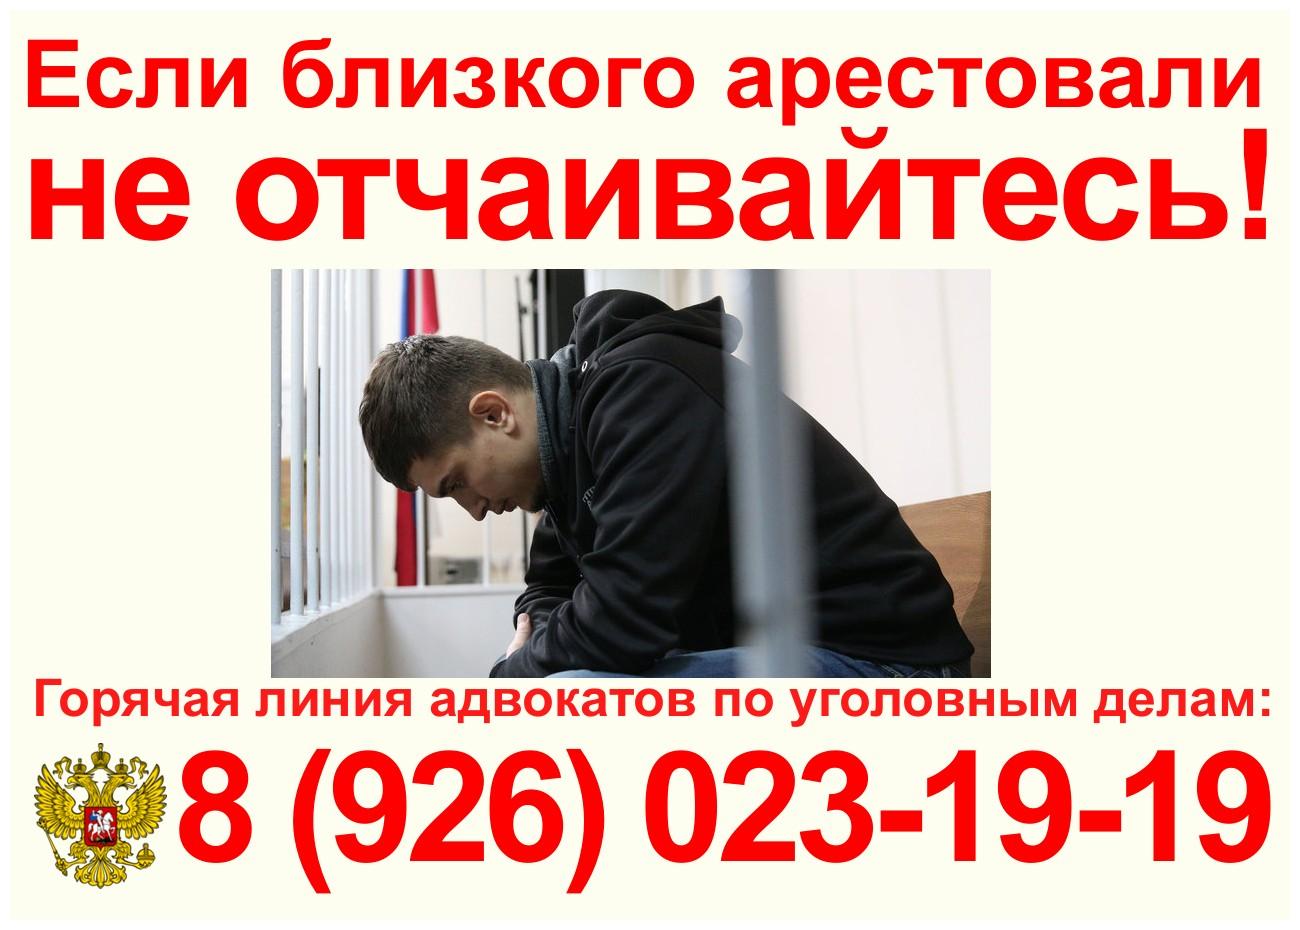 Лучший уголовный адвокат Москва